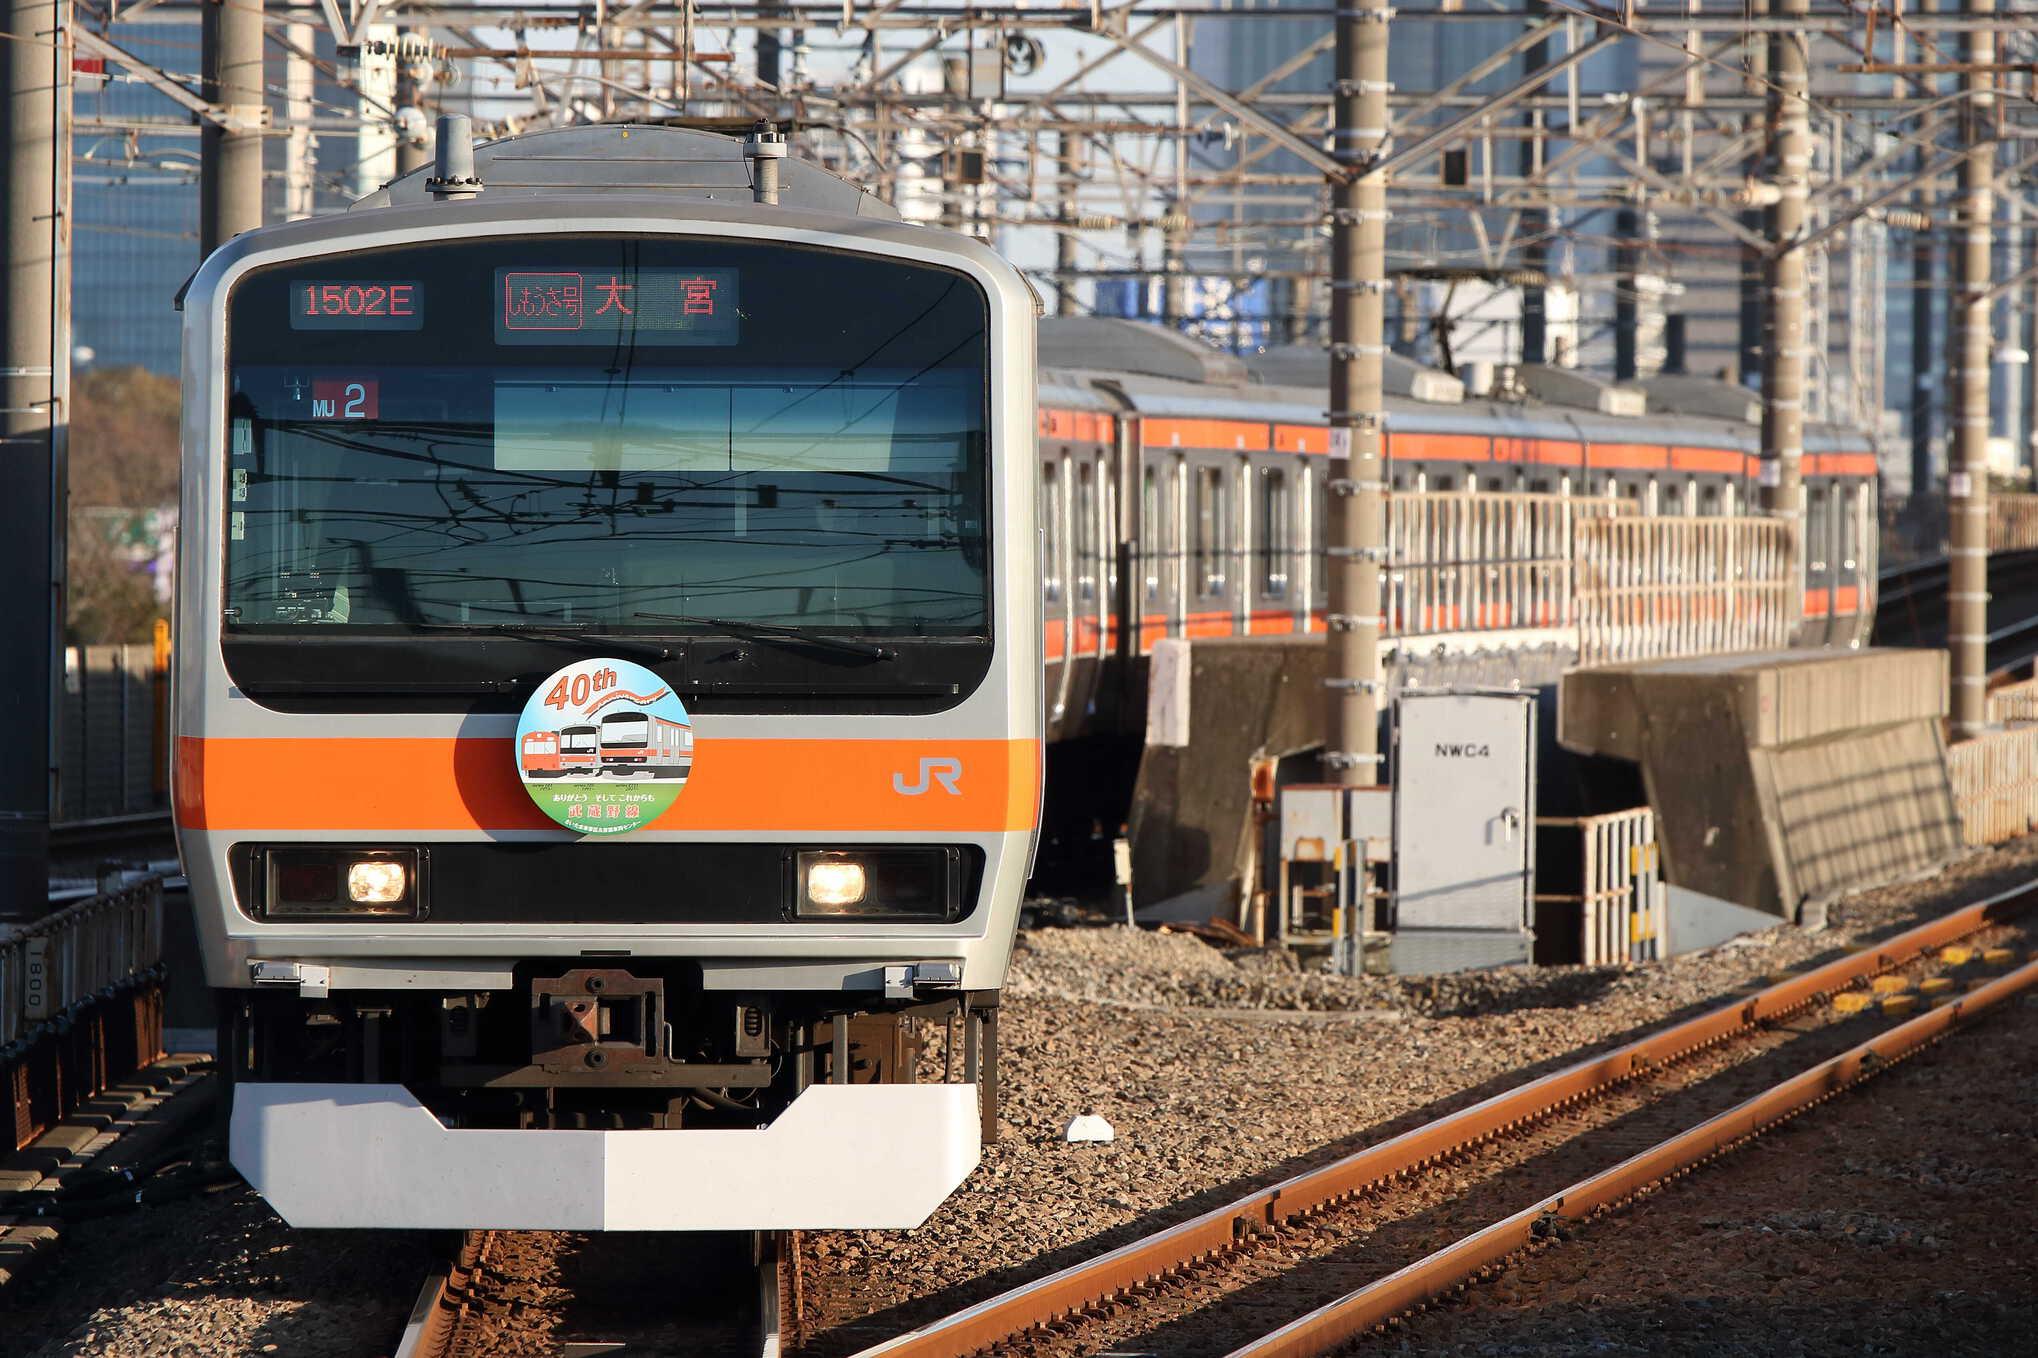 入換〜1502E E231系 千ケヨMU2編成(武蔵野線全線開業40周年HM)